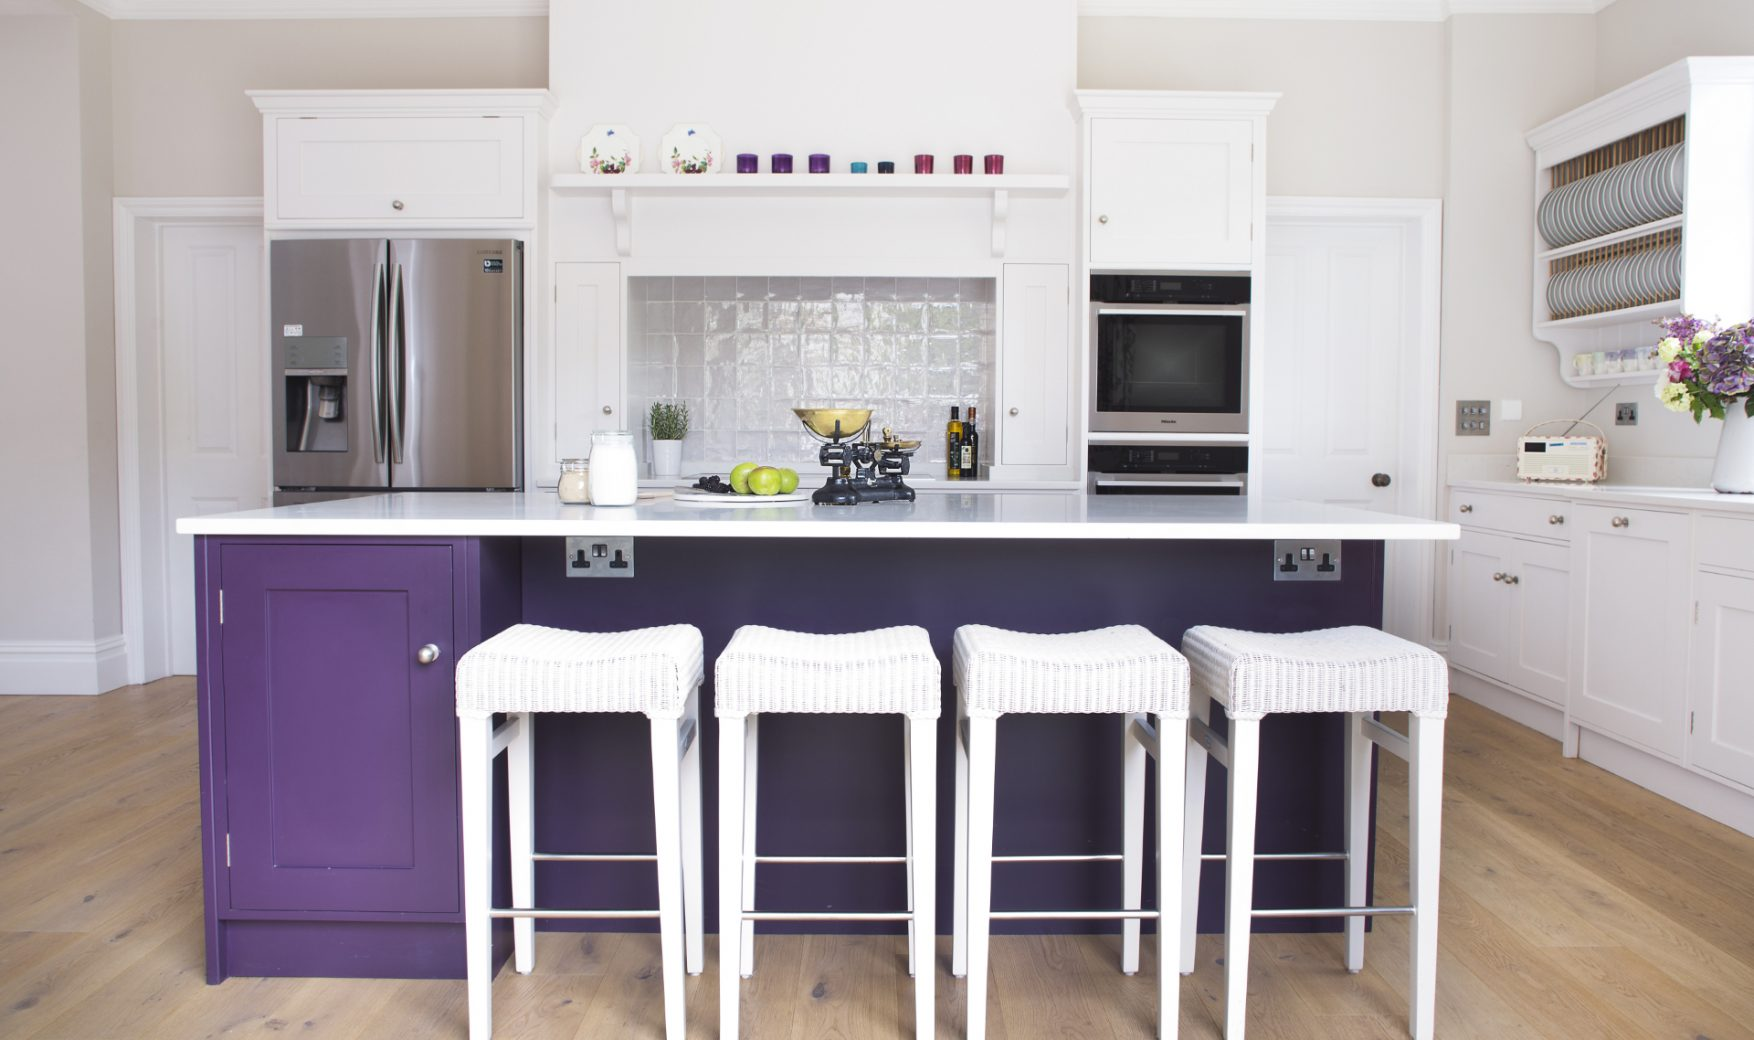 Kitchen colour trends for 2018 - Kitchens Kitchens KBB NewsKitchens ...